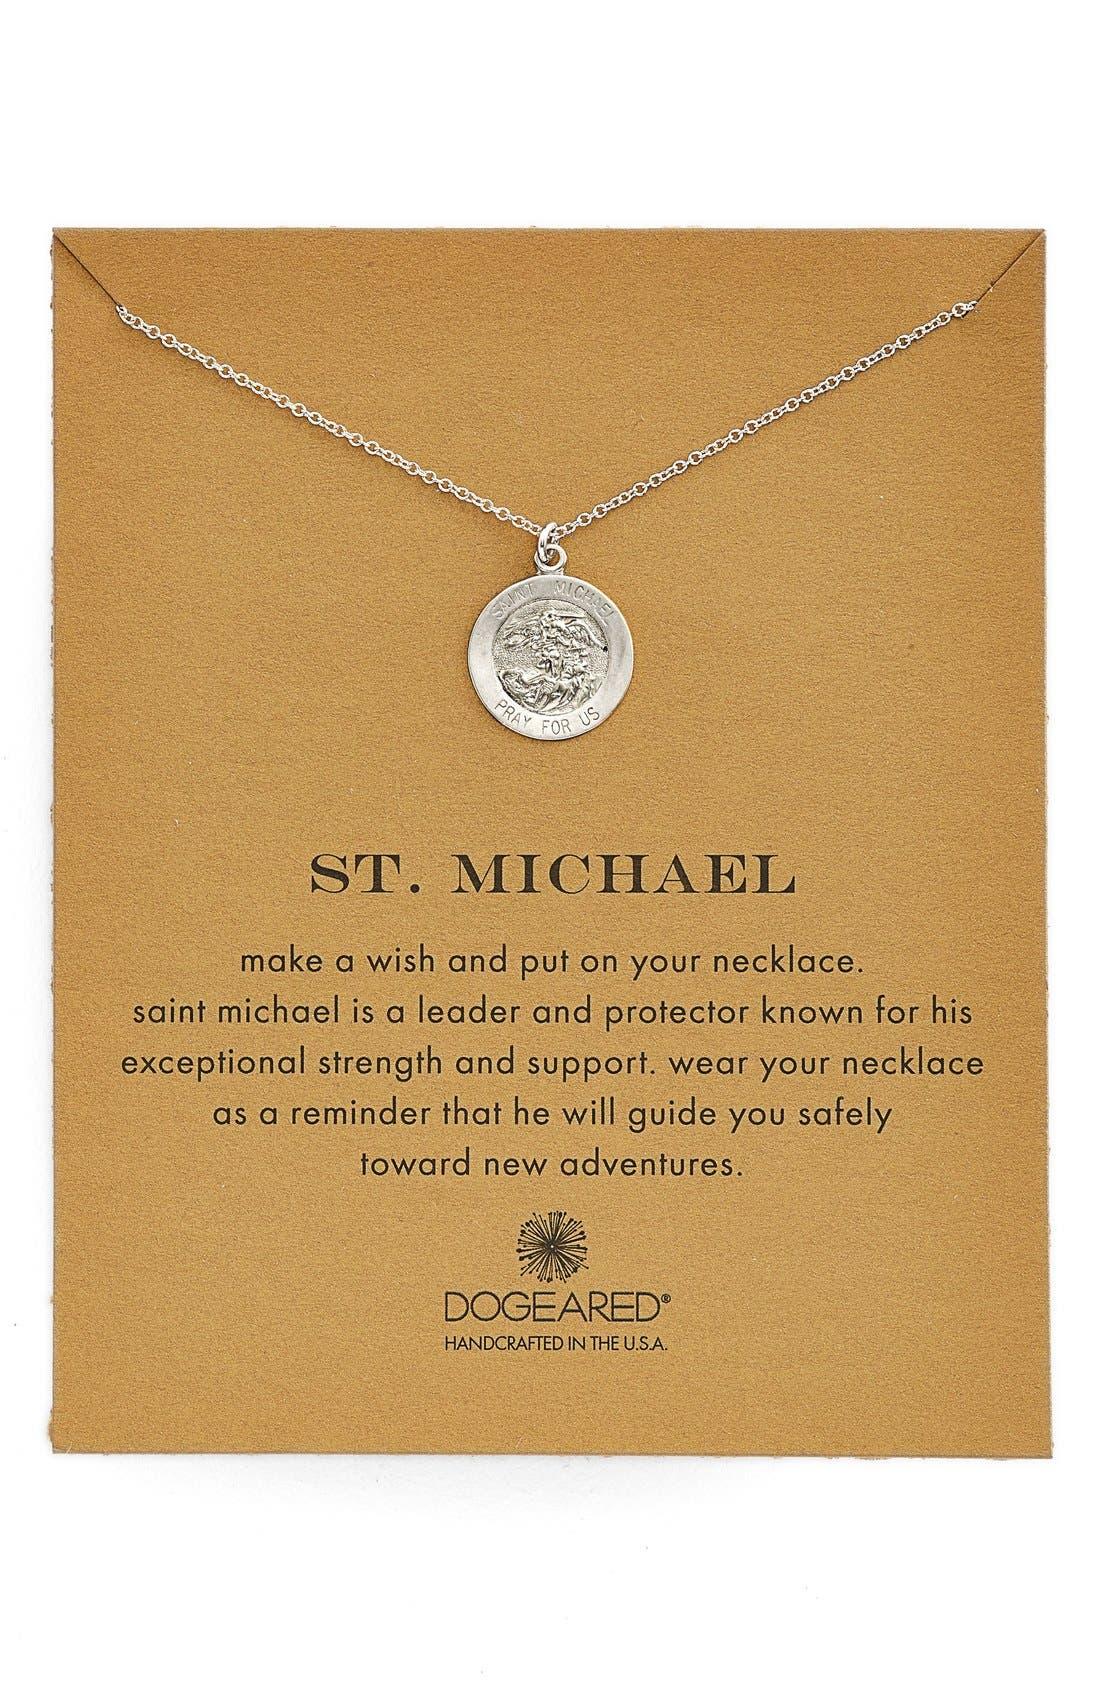 St. Michael Pendant Necklace,                             Main thumbnail 1, color,                             040